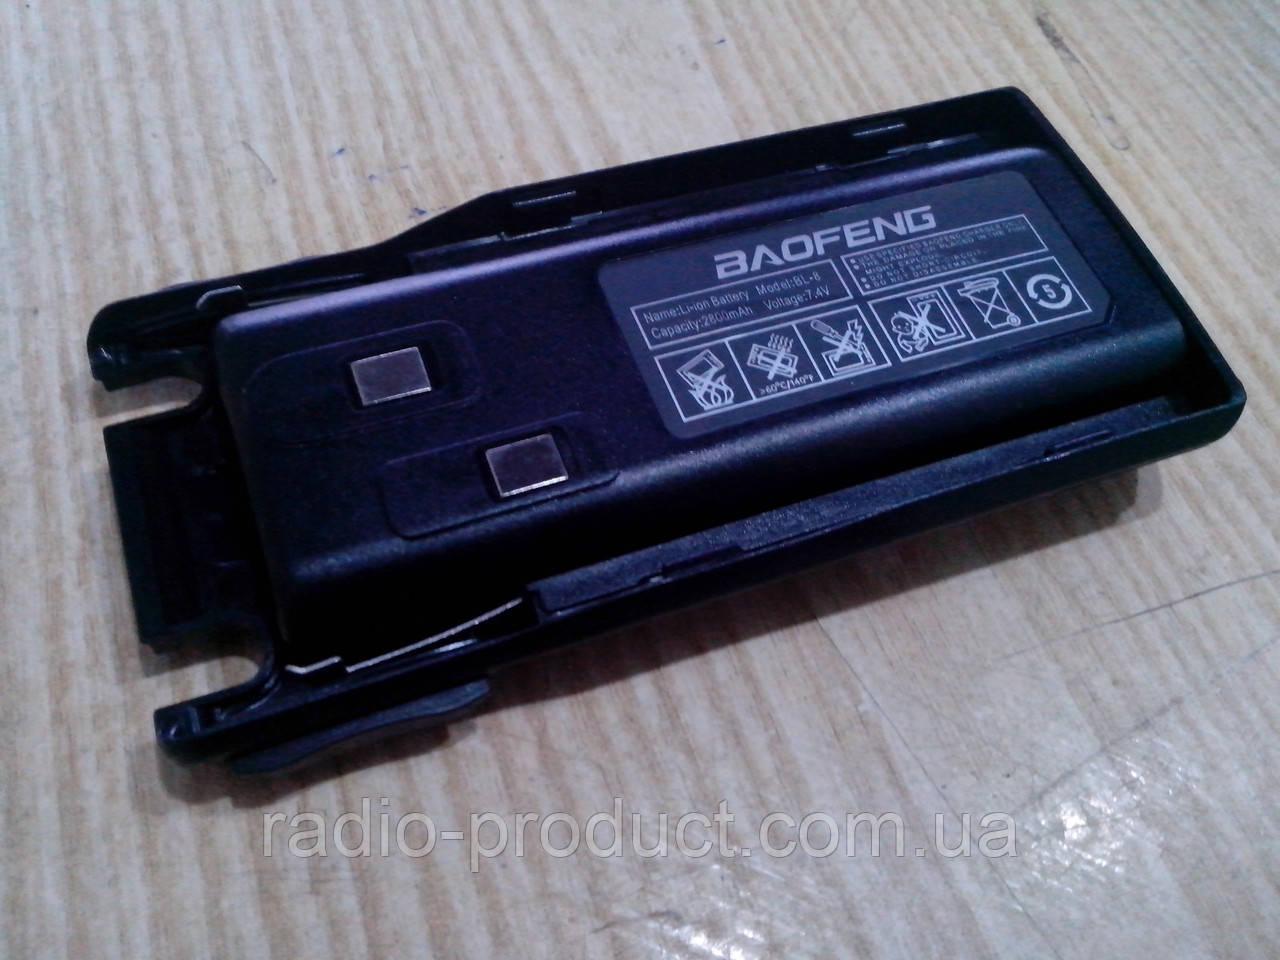 Аккумултяор для раций, радиостанций Baofeng/Pofung UV-82, UV-8